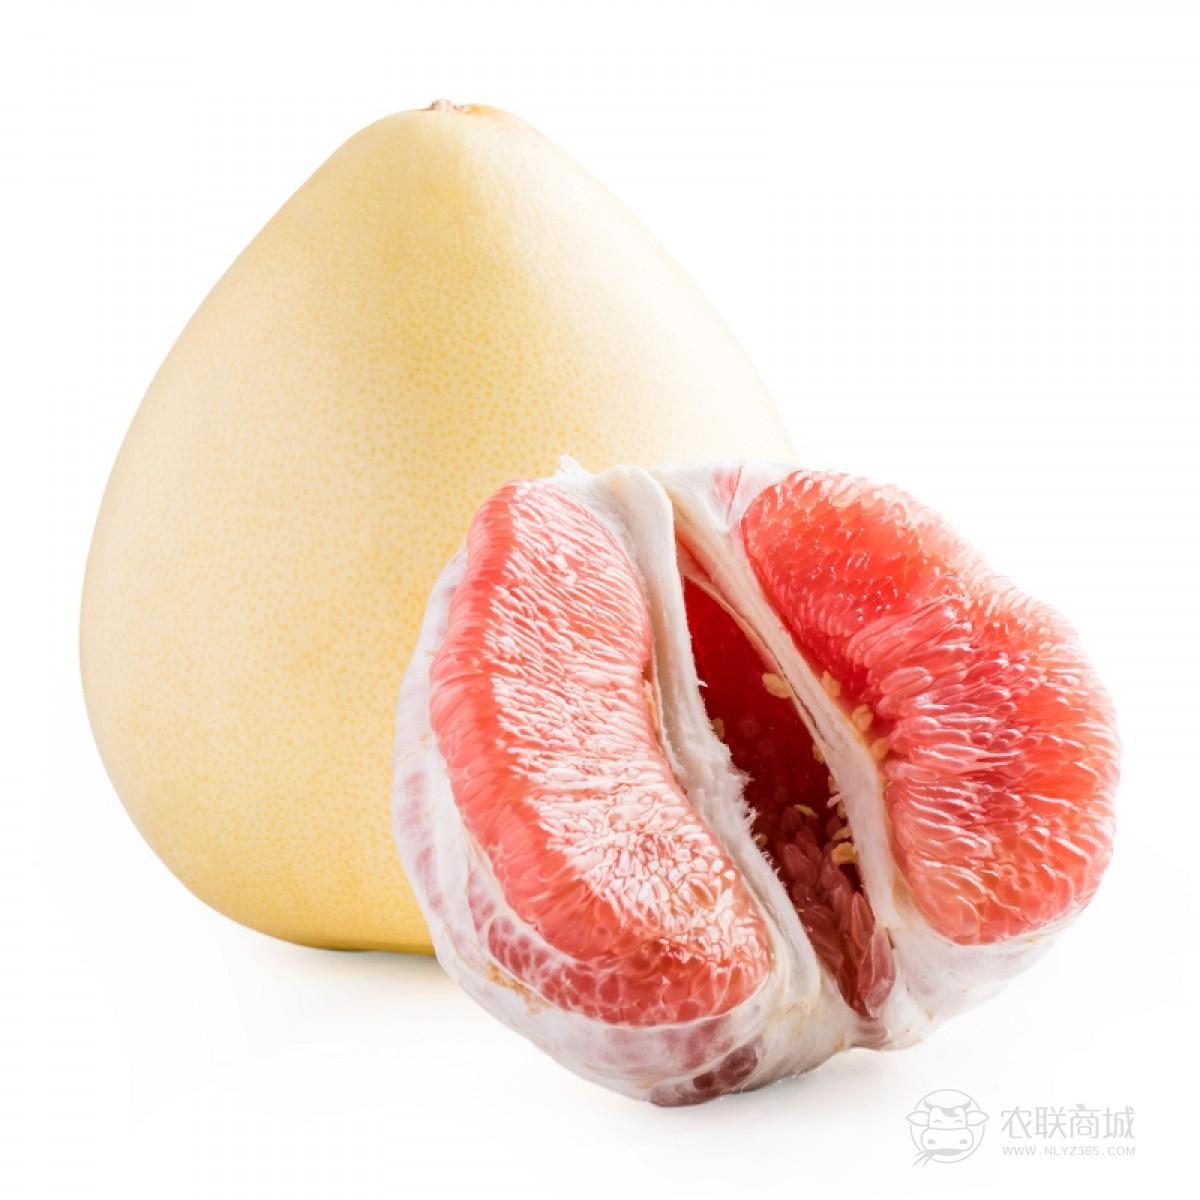 福建平和 琯溪 红心柚子新鲜水果红肉蜜柚5斤 2个装包邮